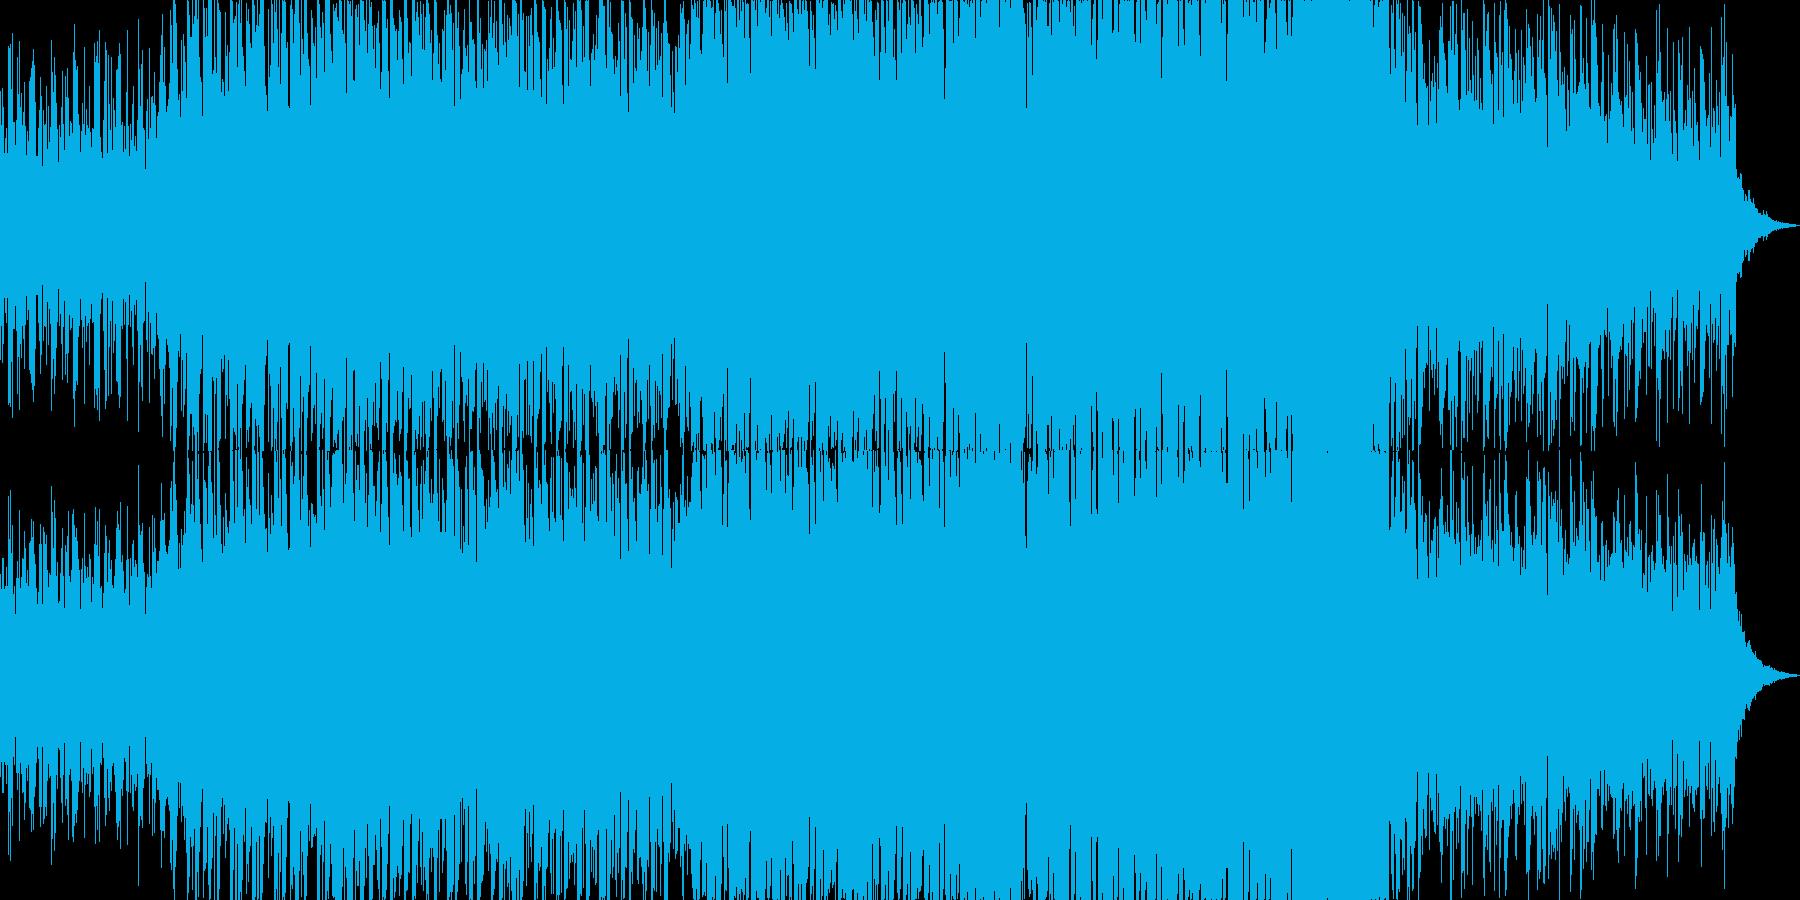 メロディックでポップなドラムンベースの再生済みの波形